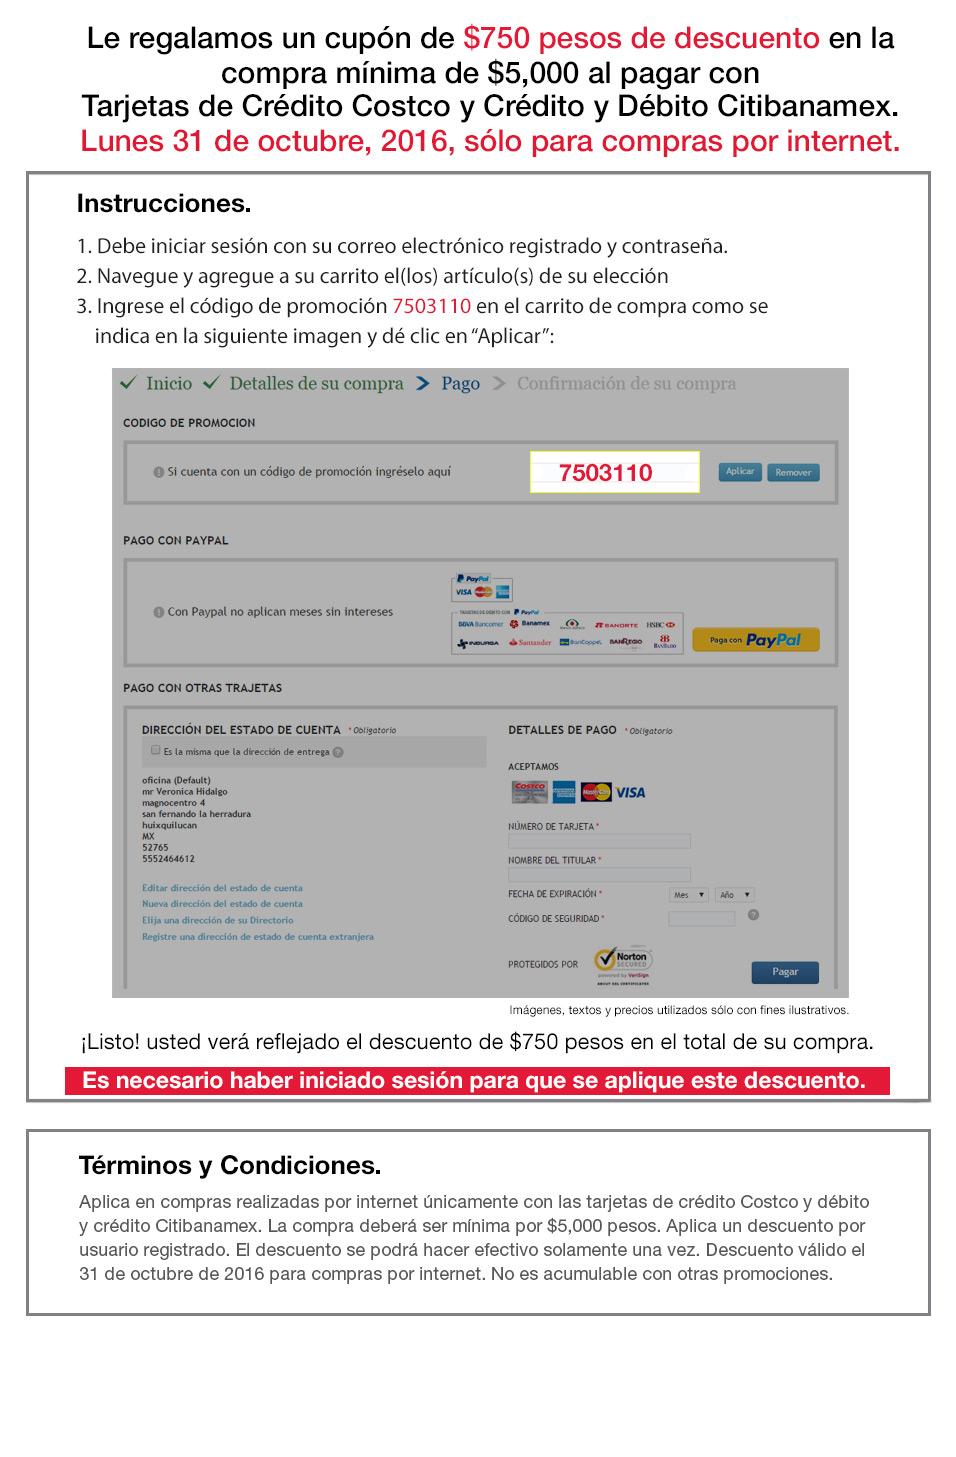 Costco en Línea: $750 de Descuento en compras superiores a $5,000 con tarjetas Costco y CitiBanamex